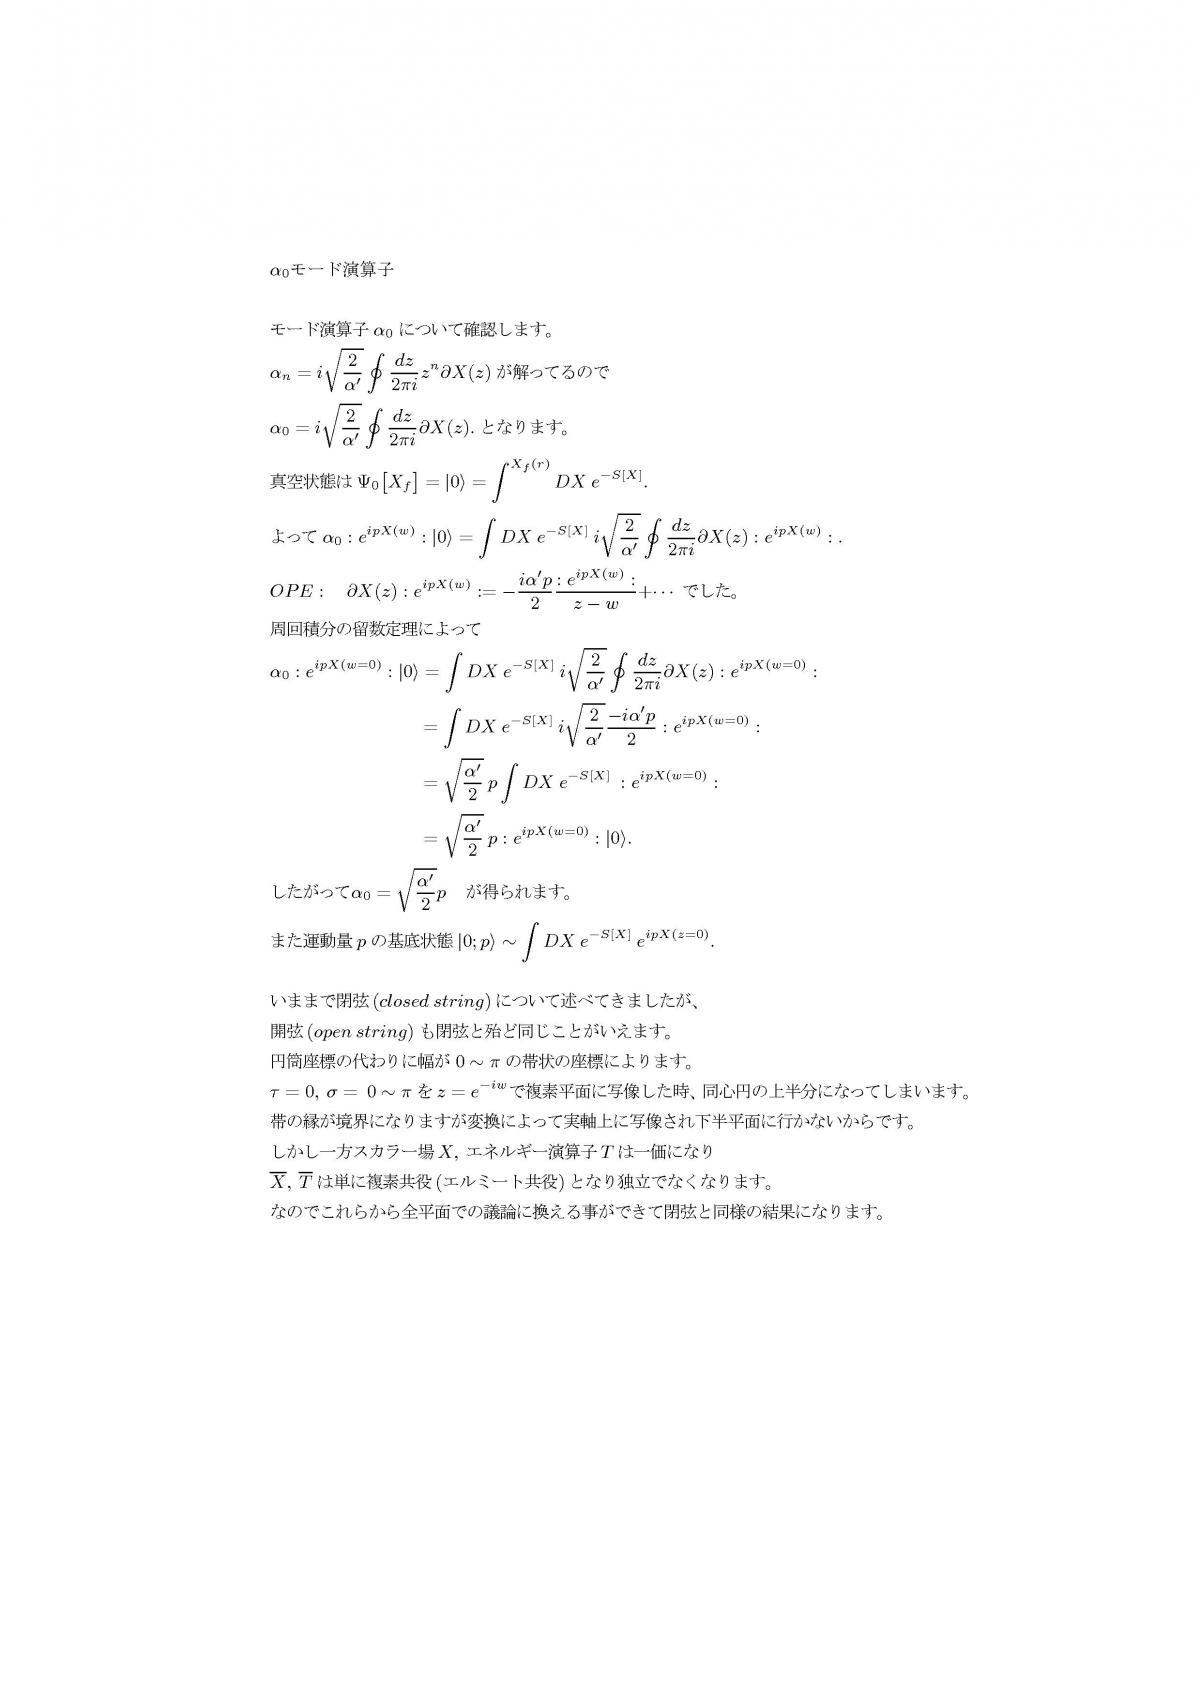 pgen37.jpg